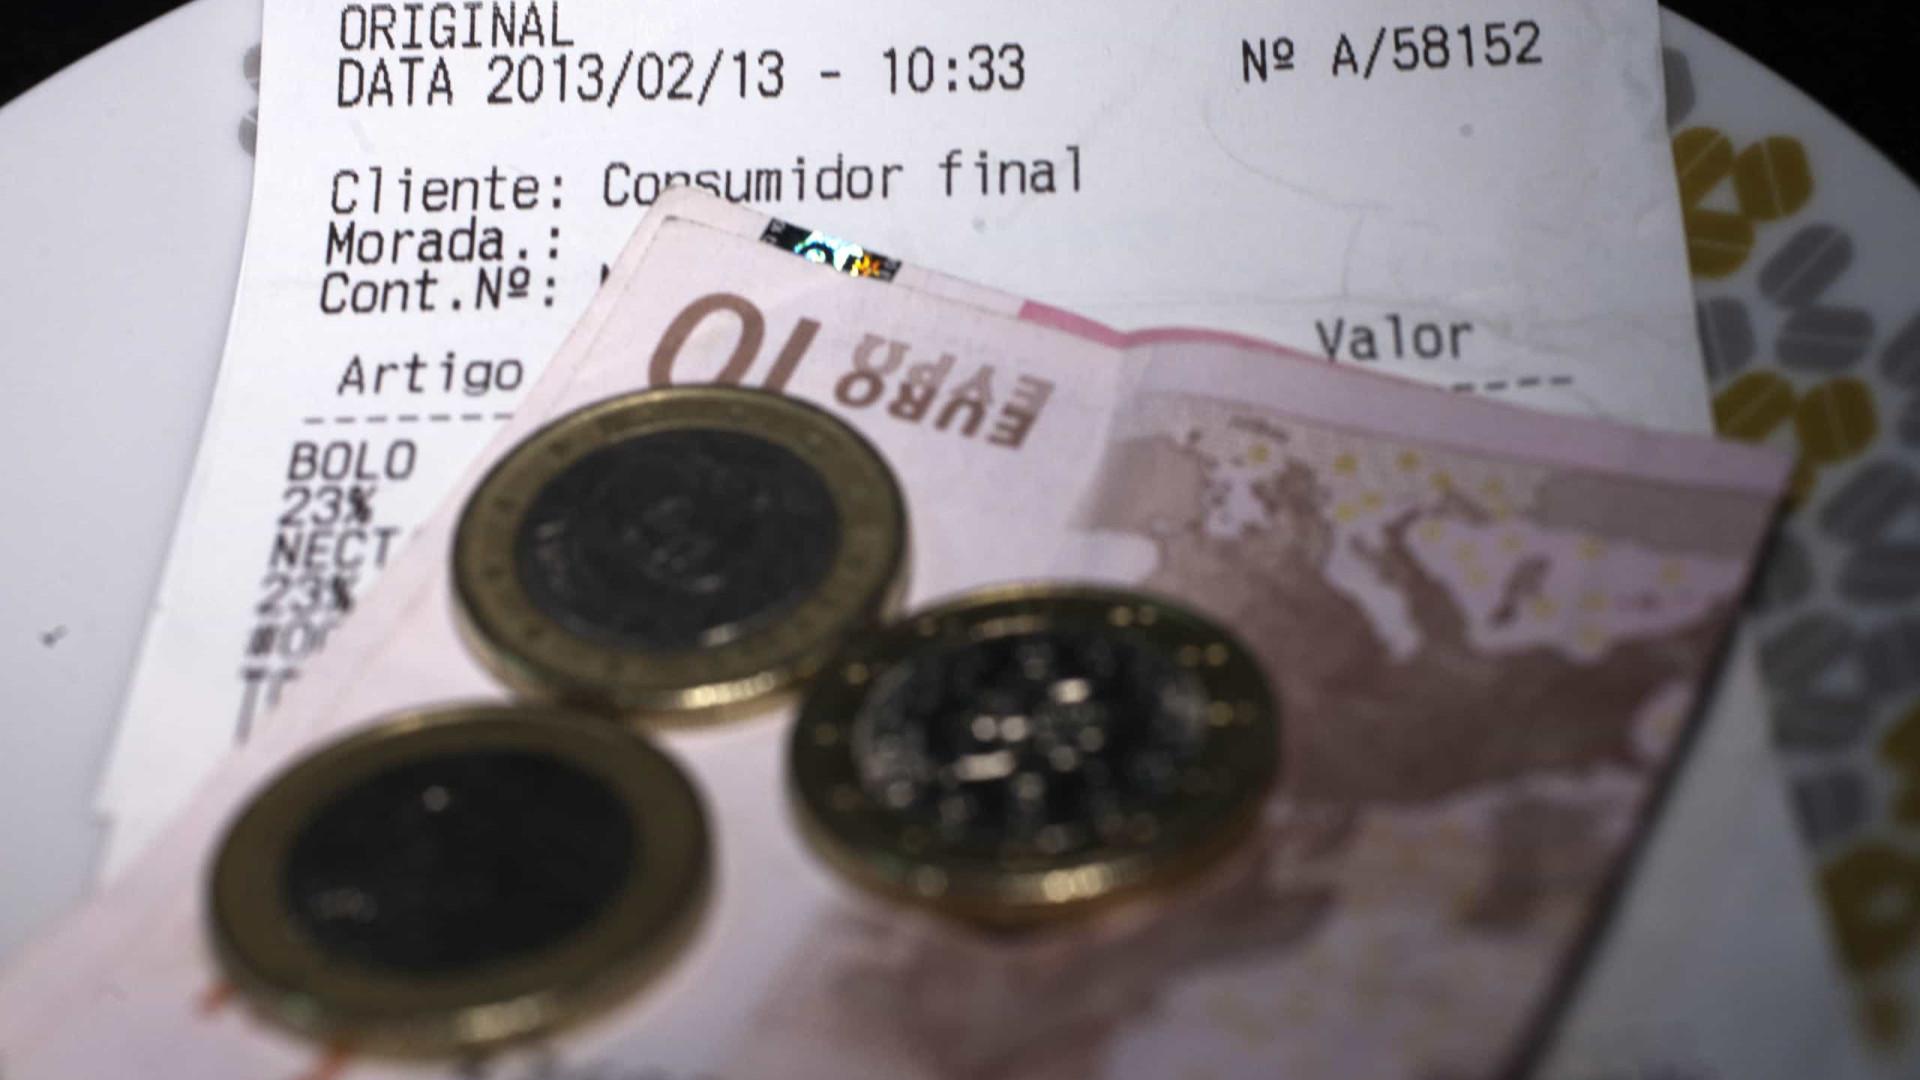 Atenção restaurantes, faturas com 'prato do dia' dão direito a multa